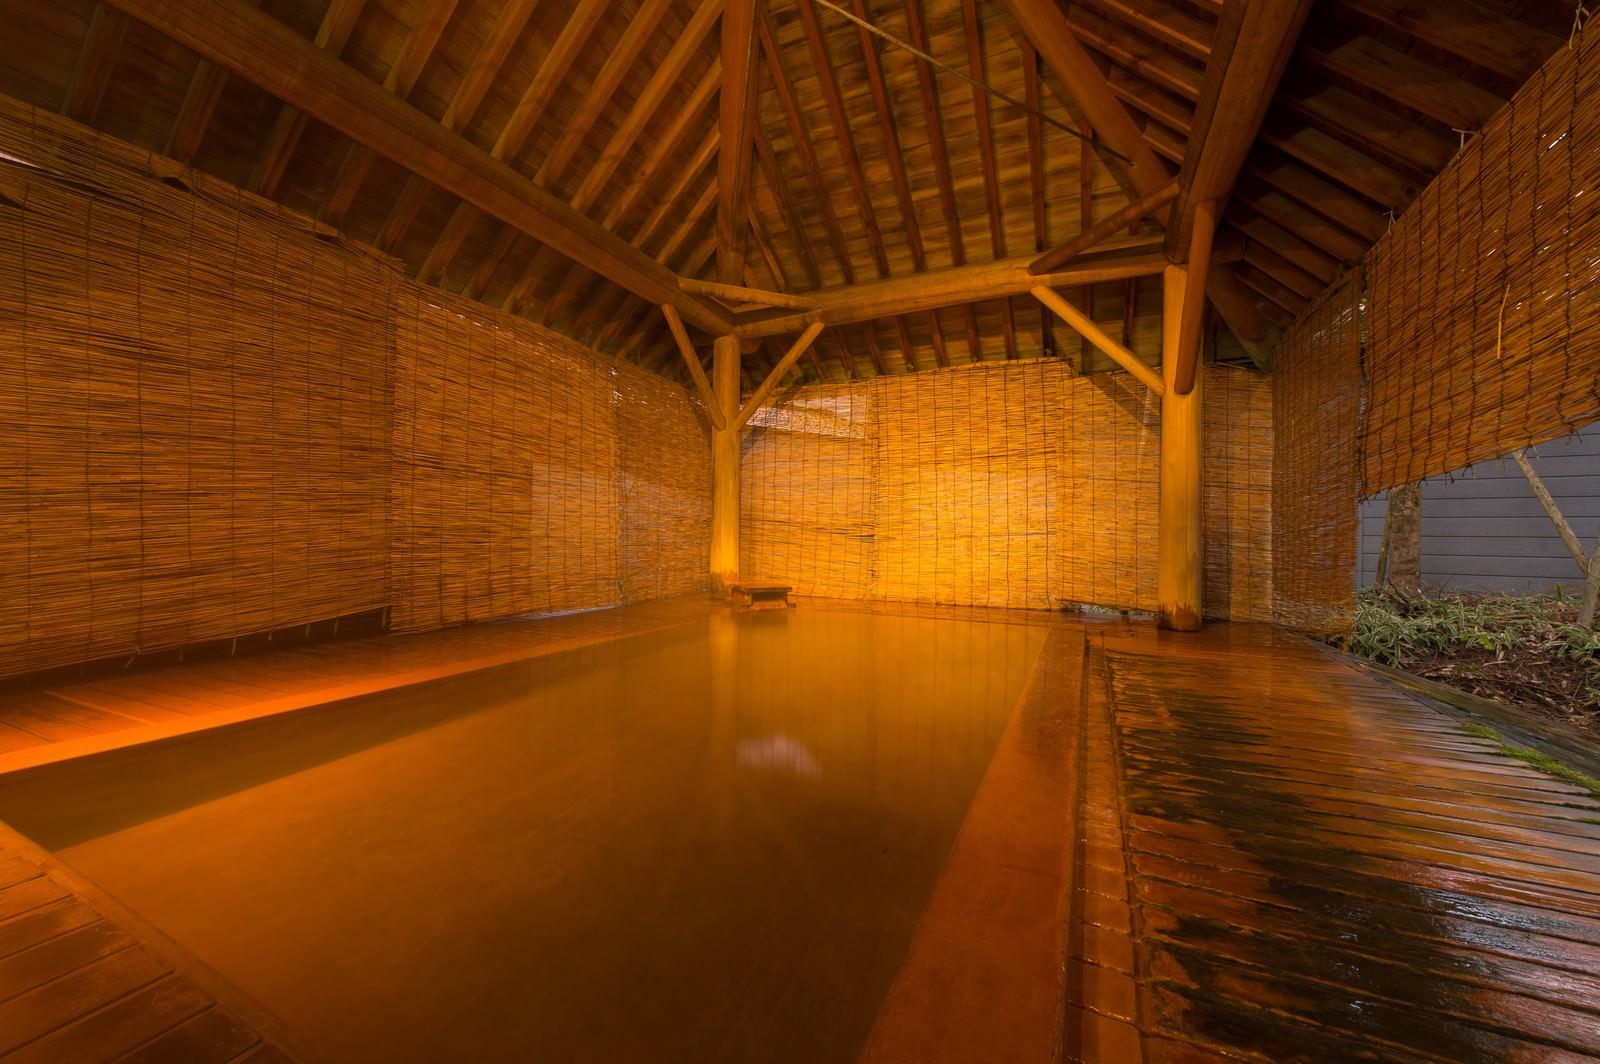 「総檜と芳醇な香りと源泉かけ流しの湯浴みができる露天風呂」の写真